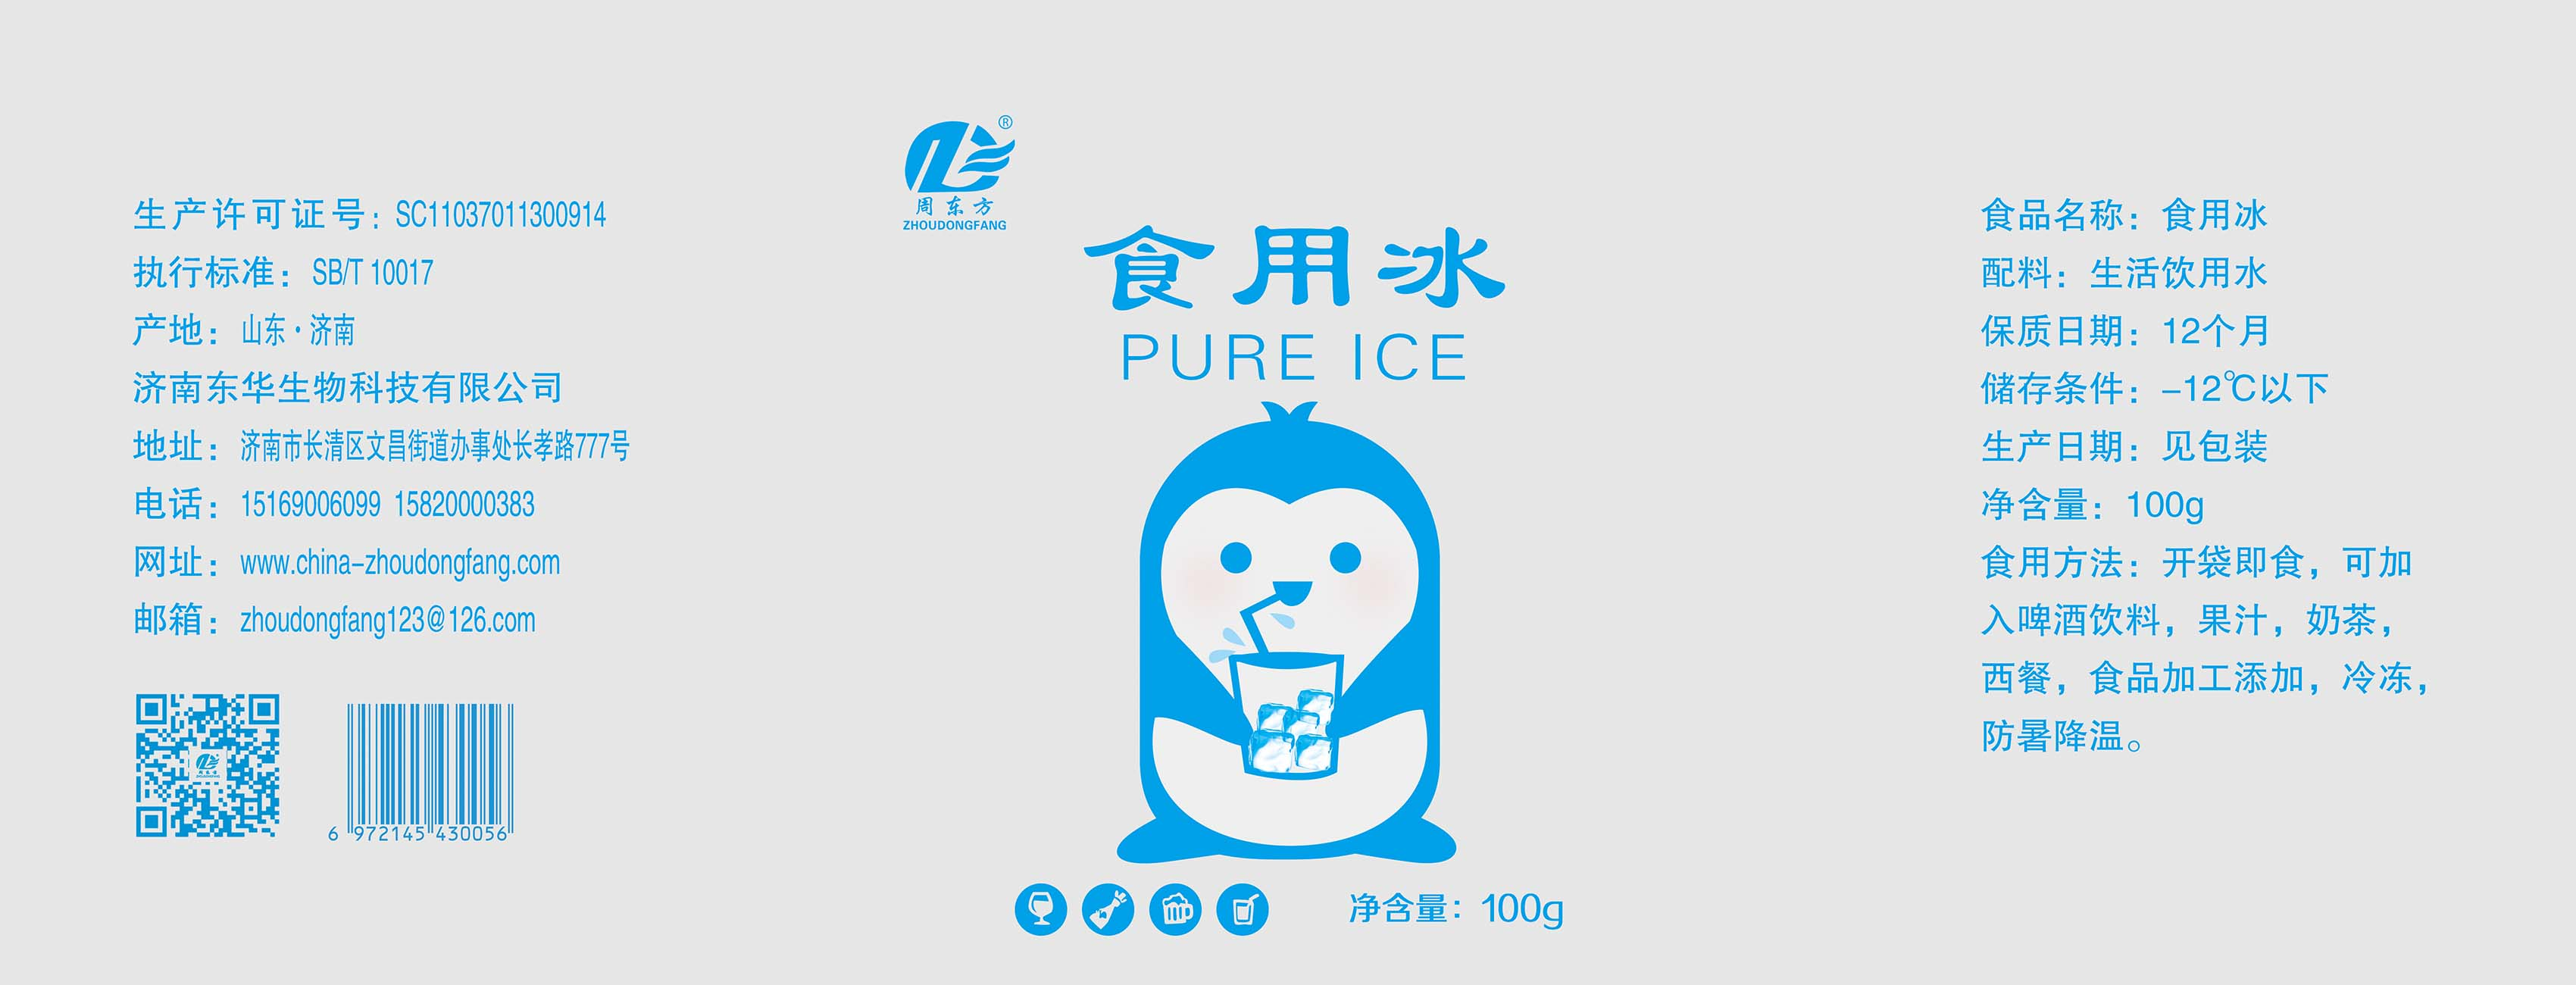 周东方牌山东泰安食用冰块配送价格,专业厂家济南东华生物科技有限公司